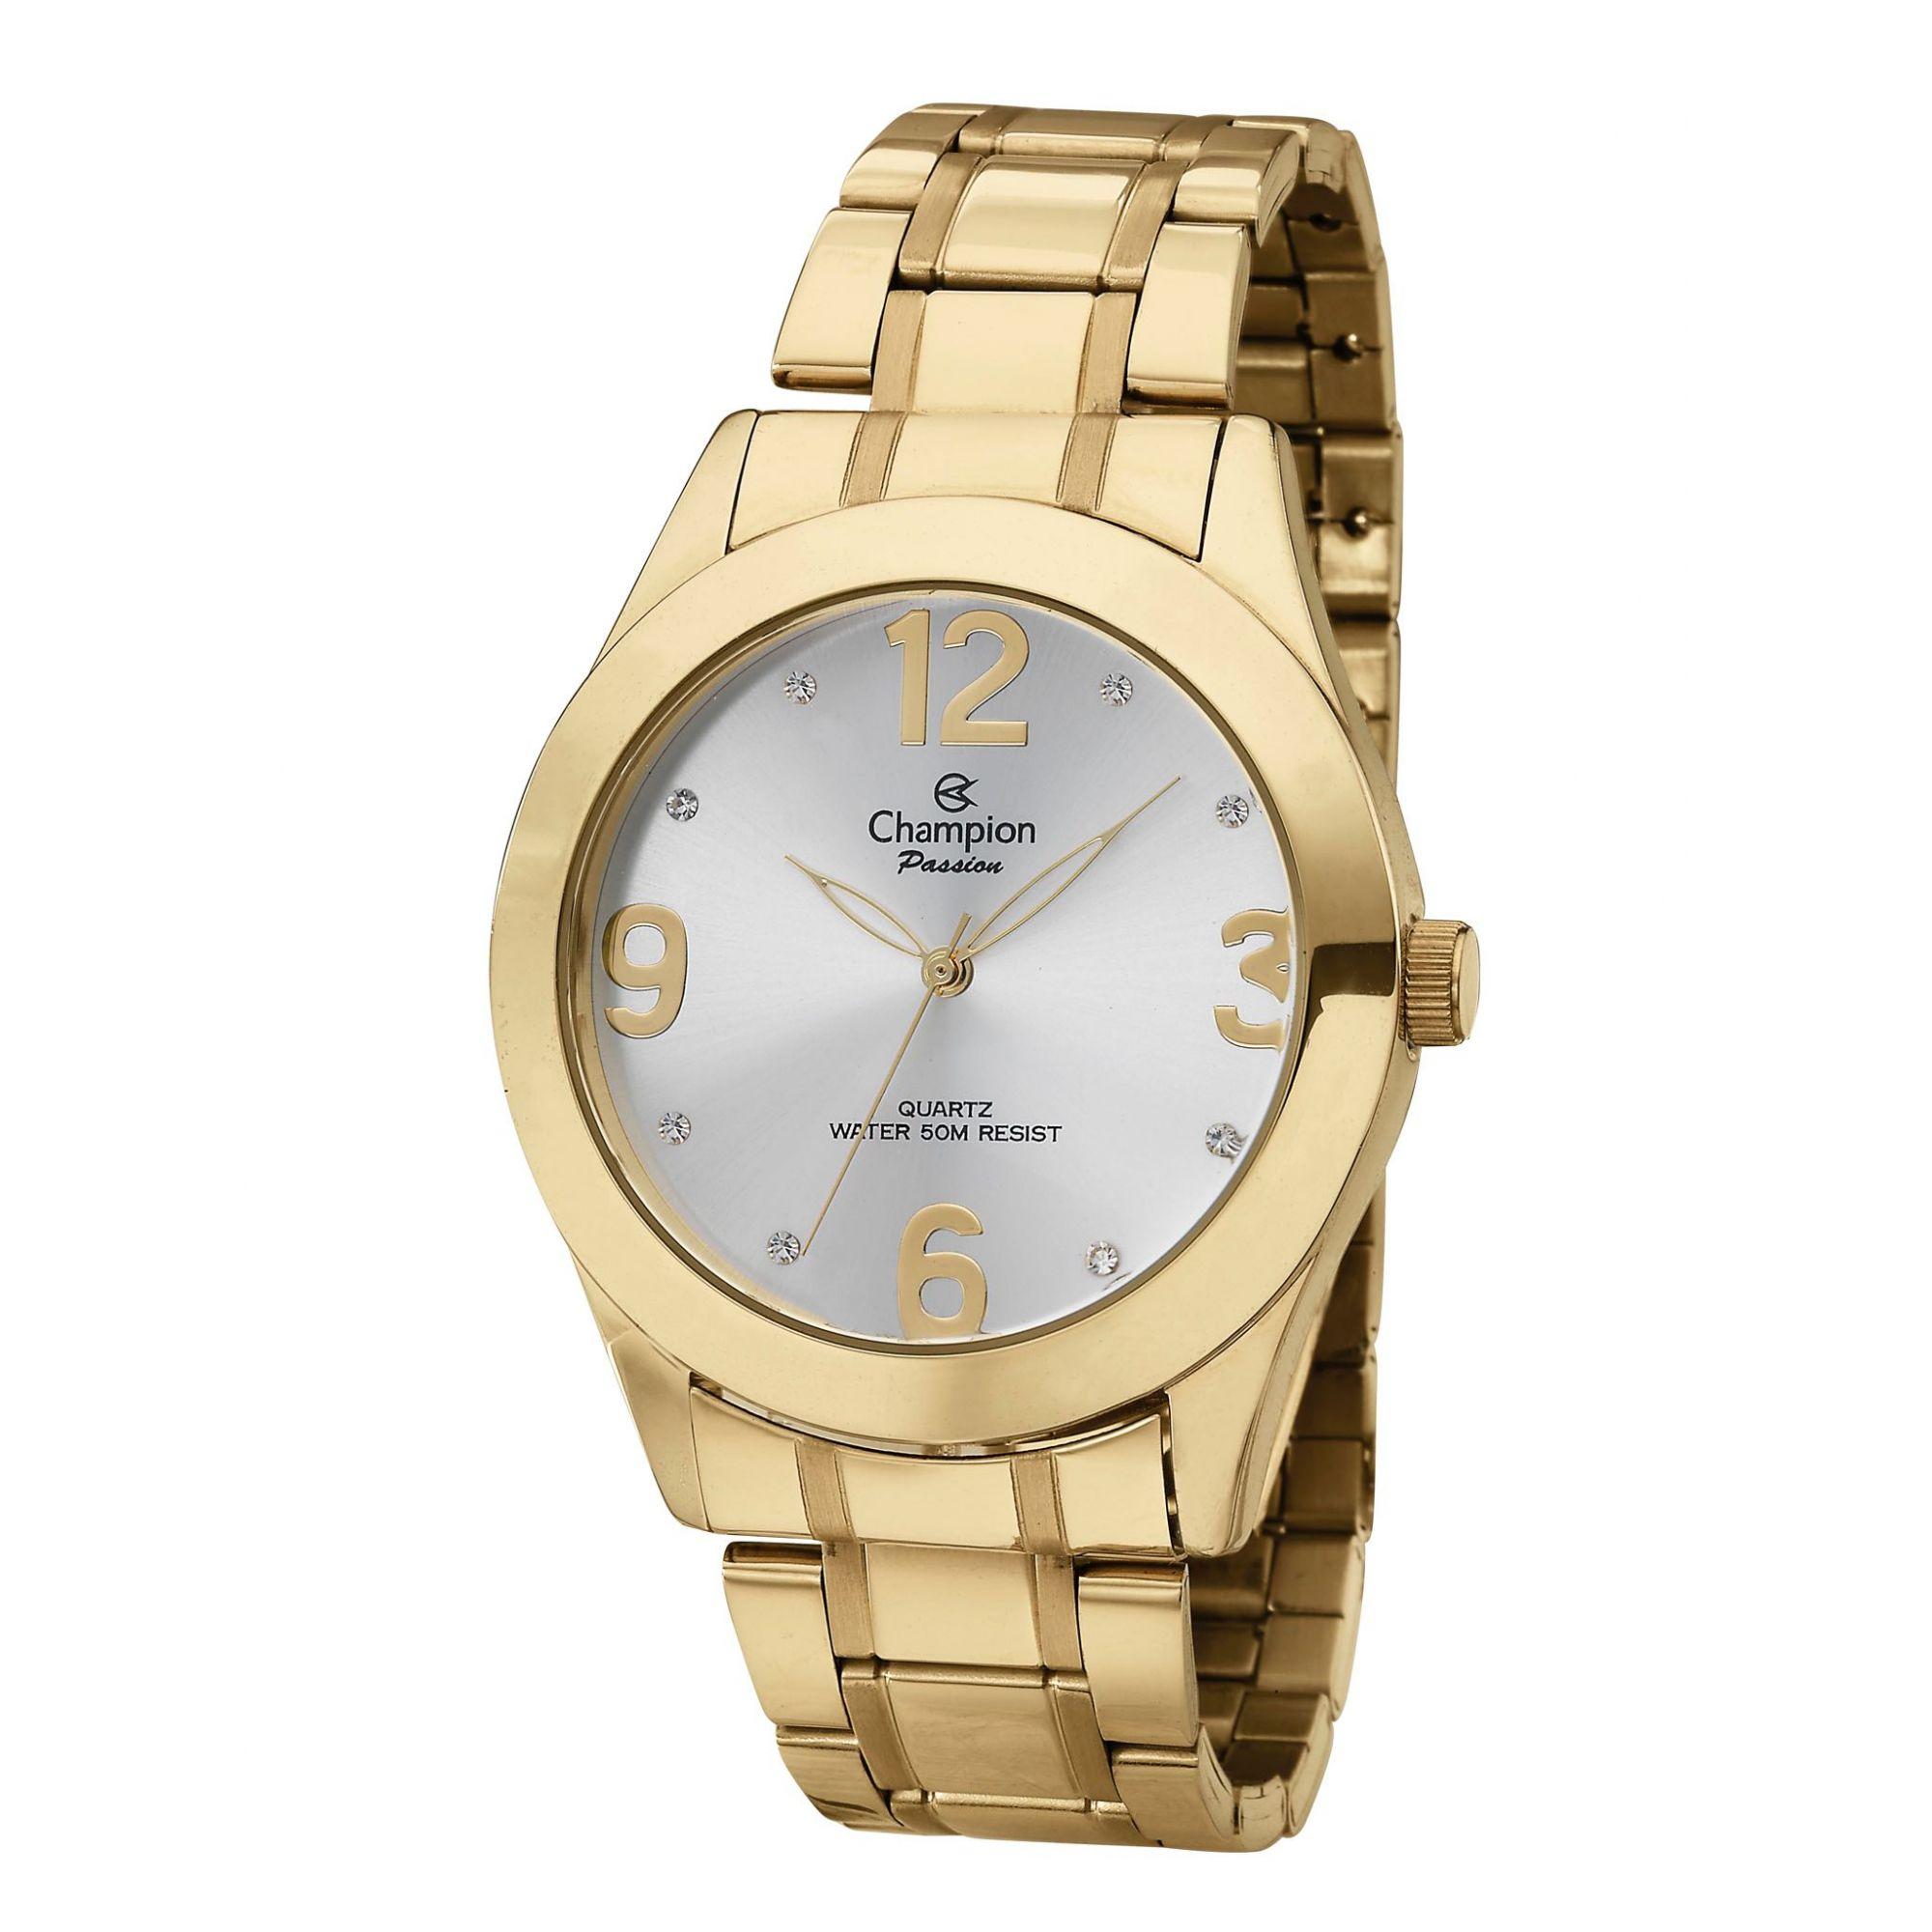 Relógio Feminino Champion Passion Ch24268h Dourado